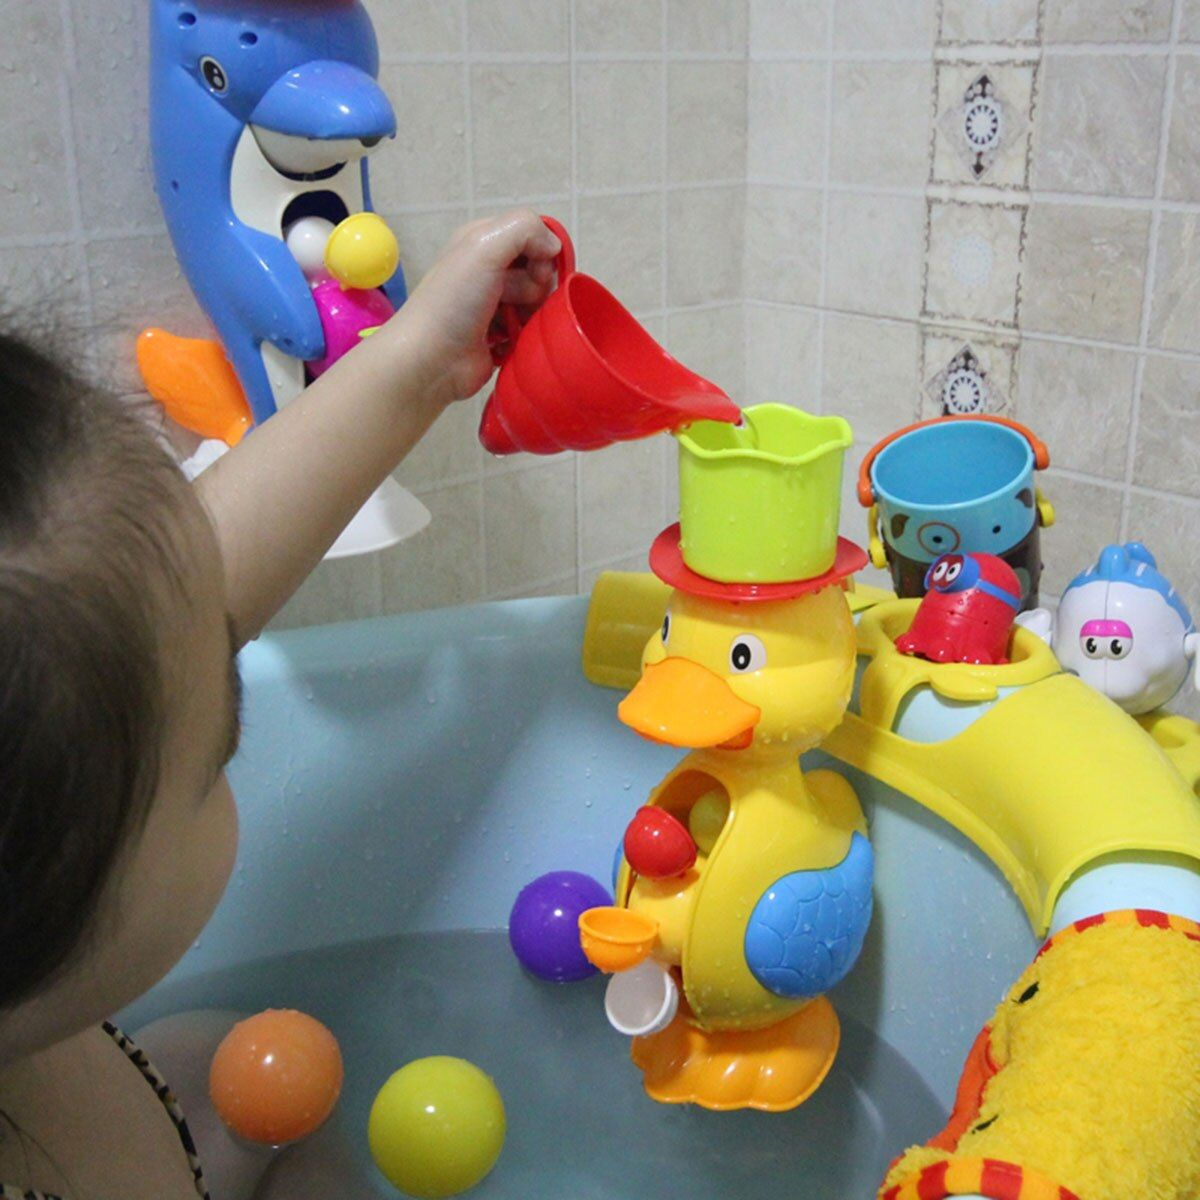 LCLL-1Pcs Bathroom Baby Kids Toddler Bathing Water Spraying Tool Bath Bathtub Duck Toys